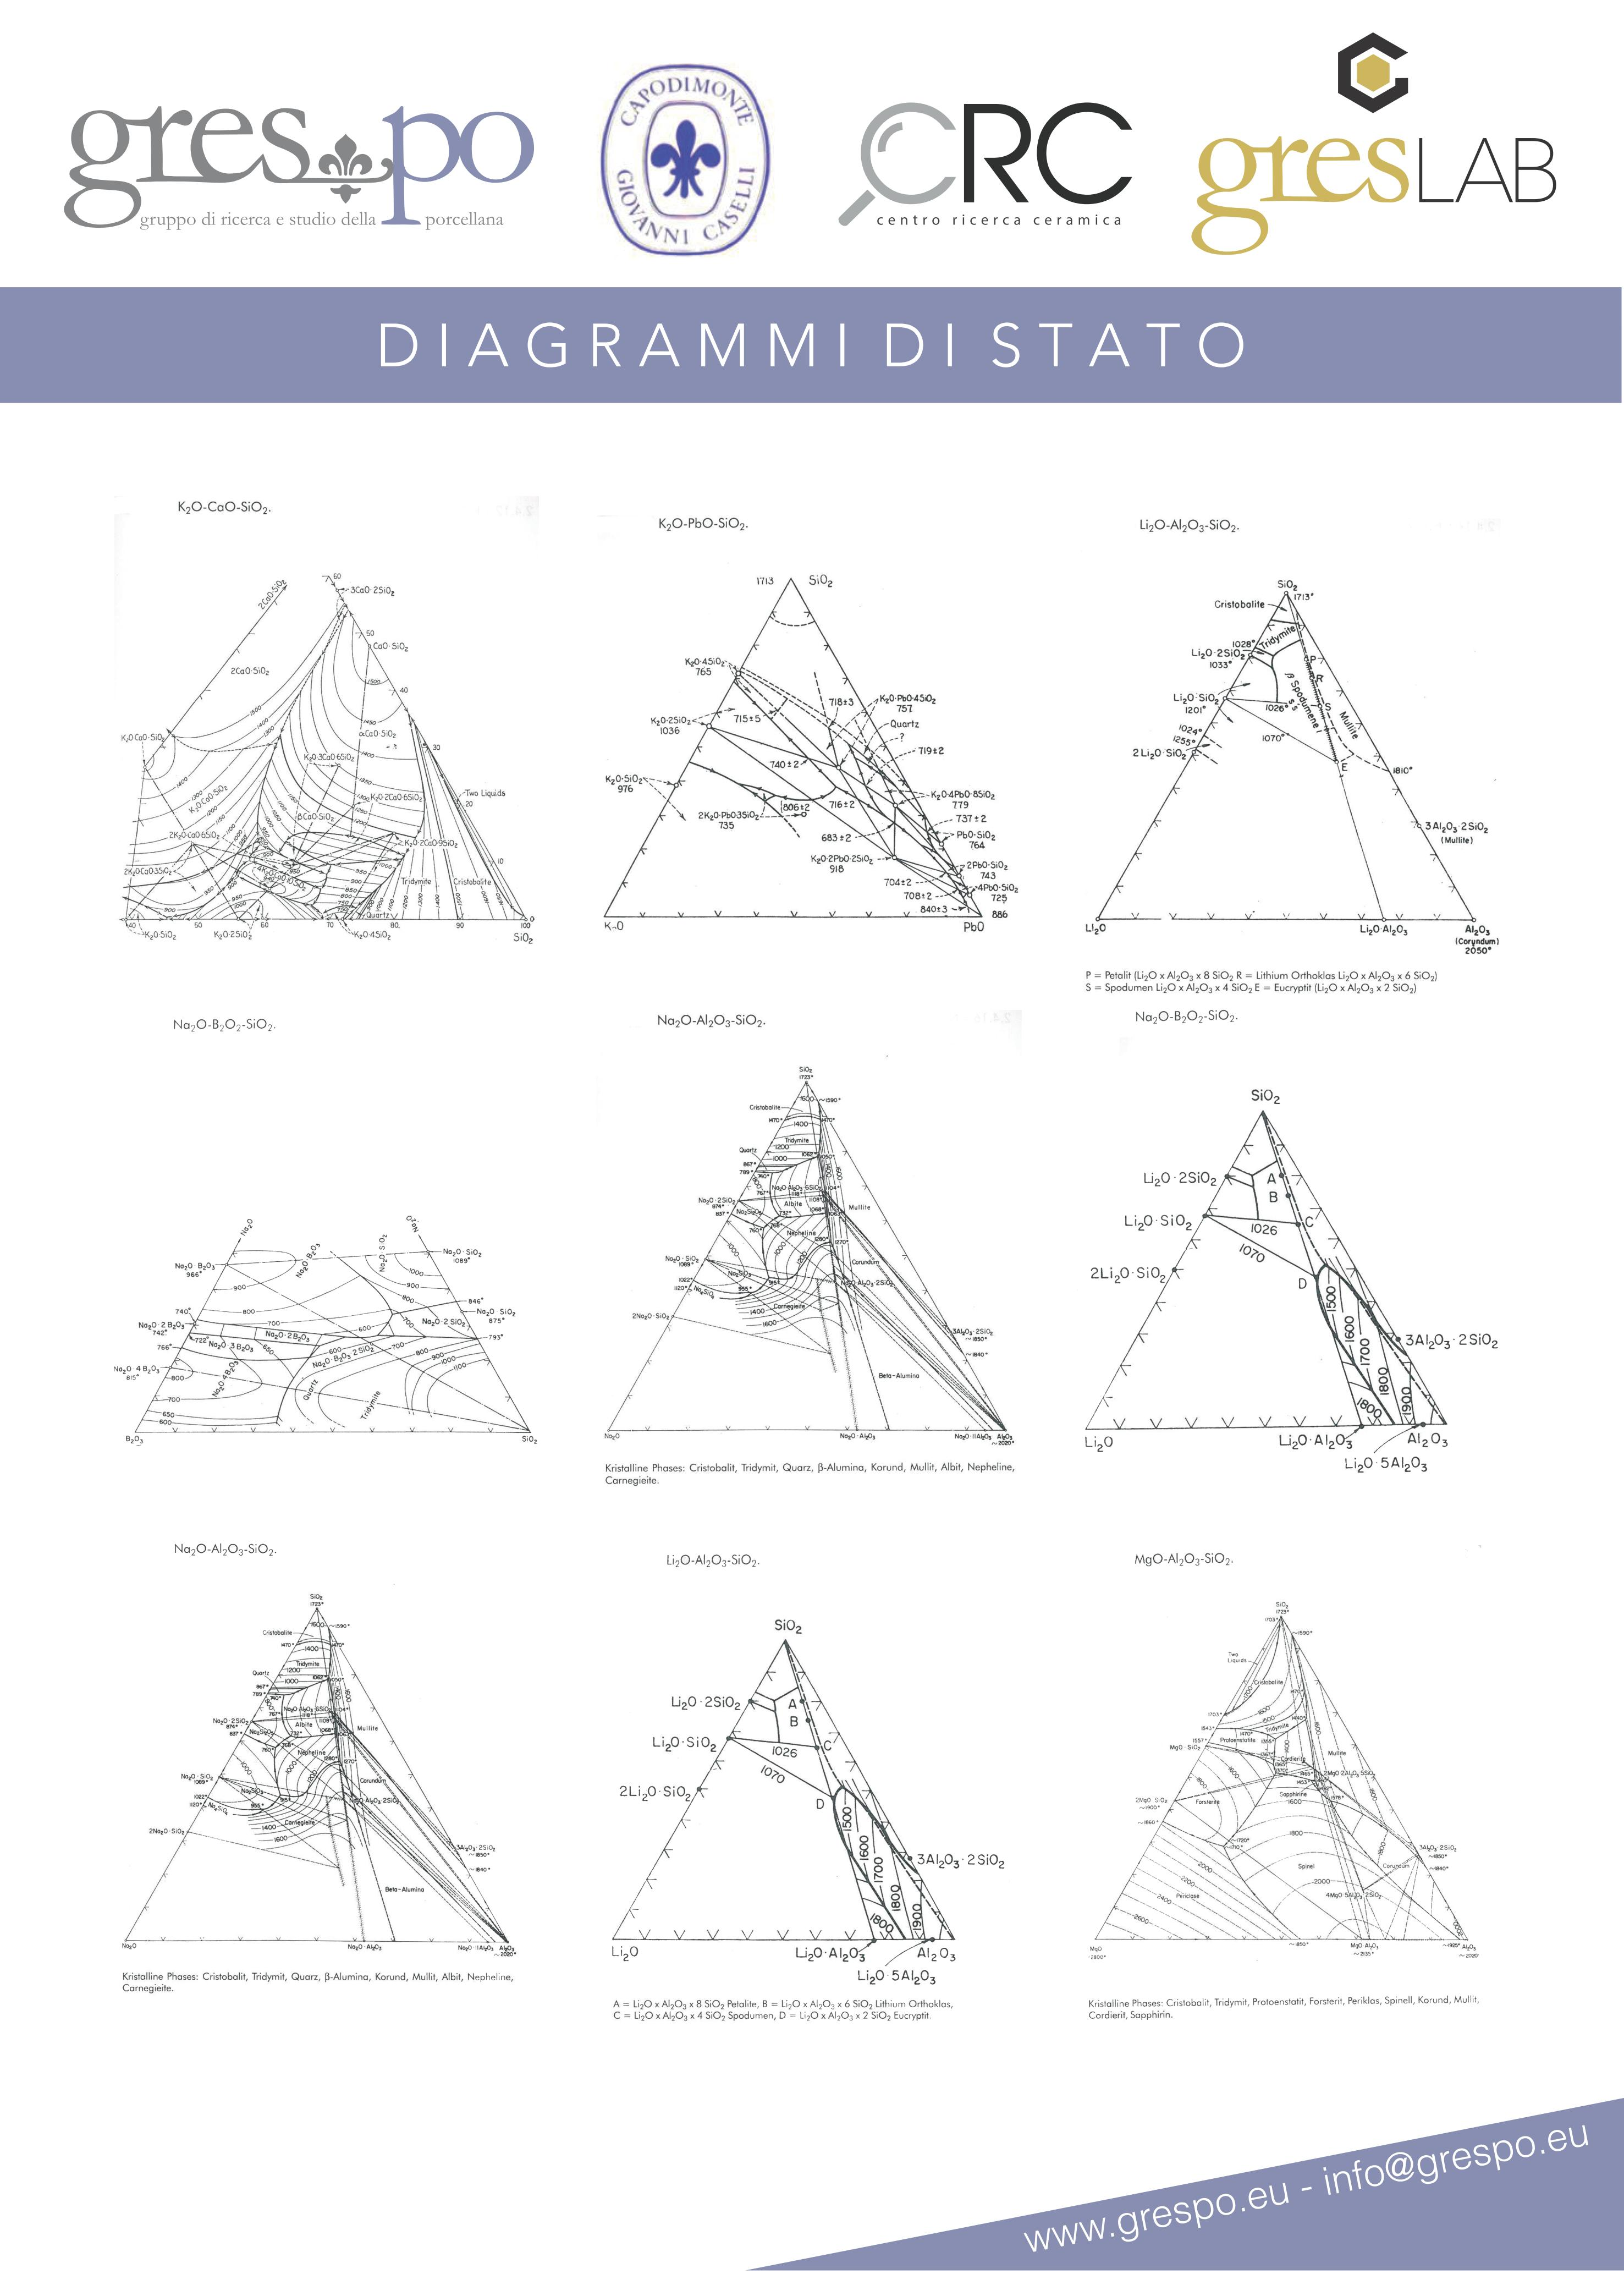 Serie di diagrammi di stato